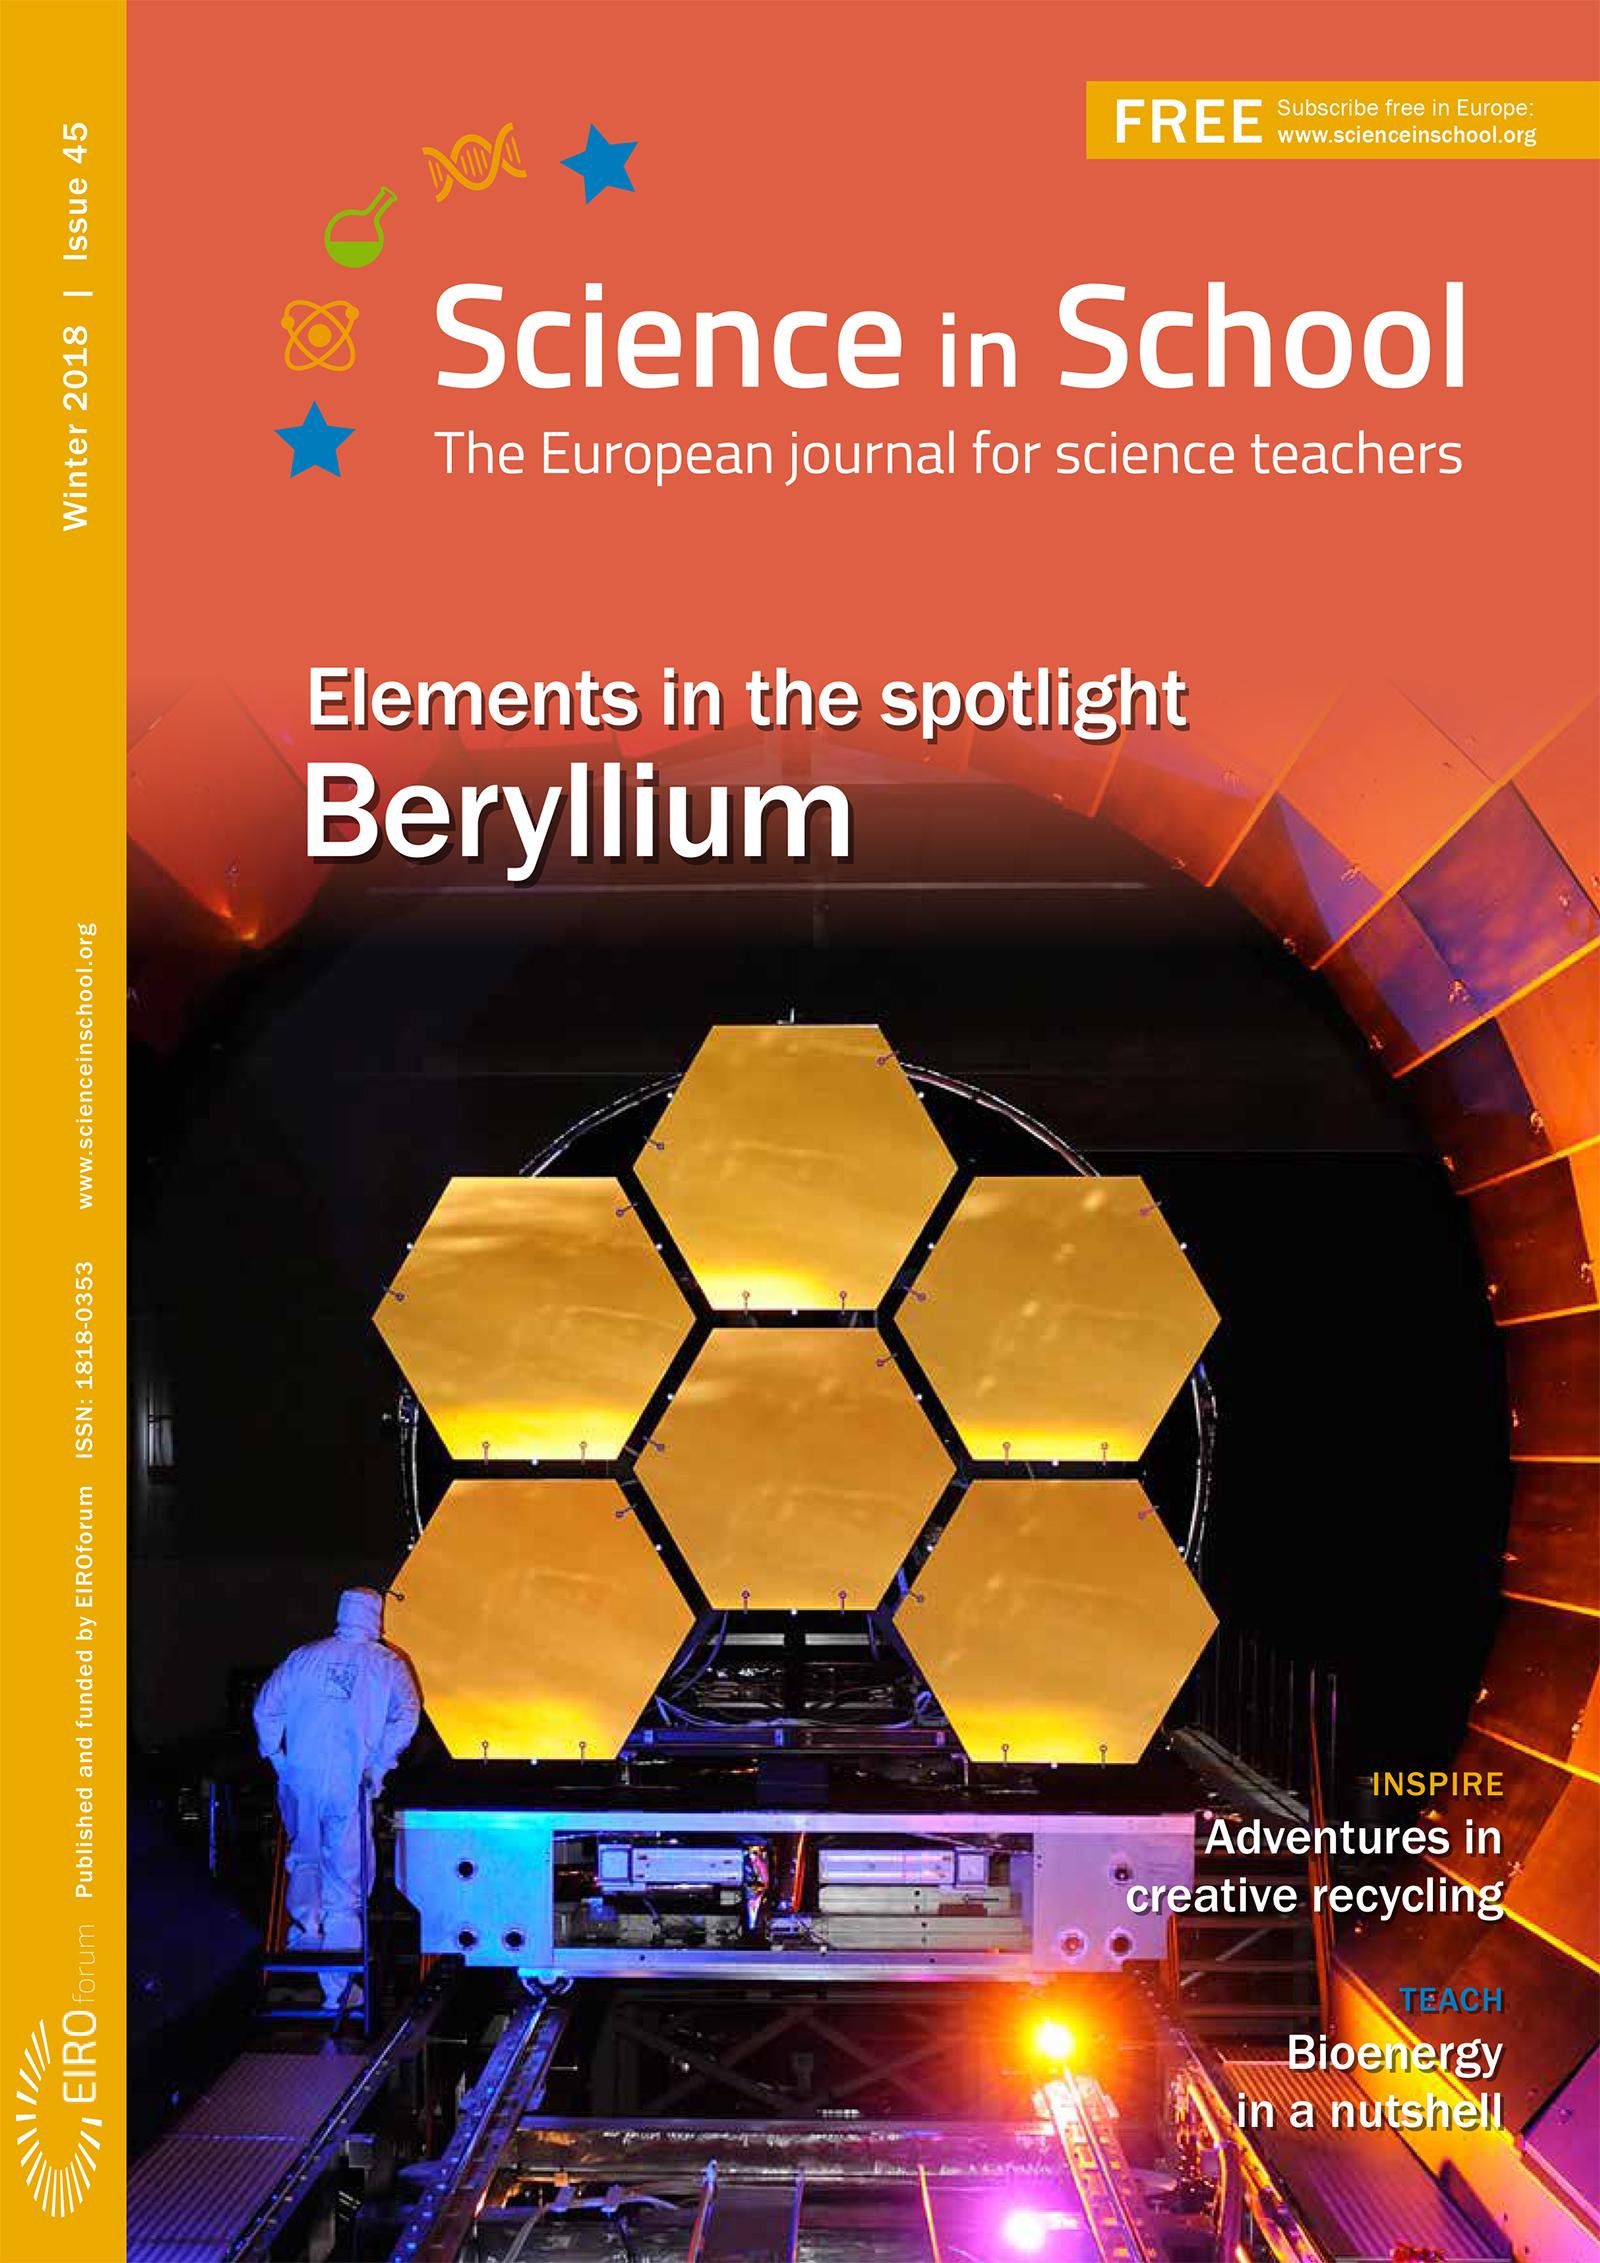 Science in School | Activities | EIROforum